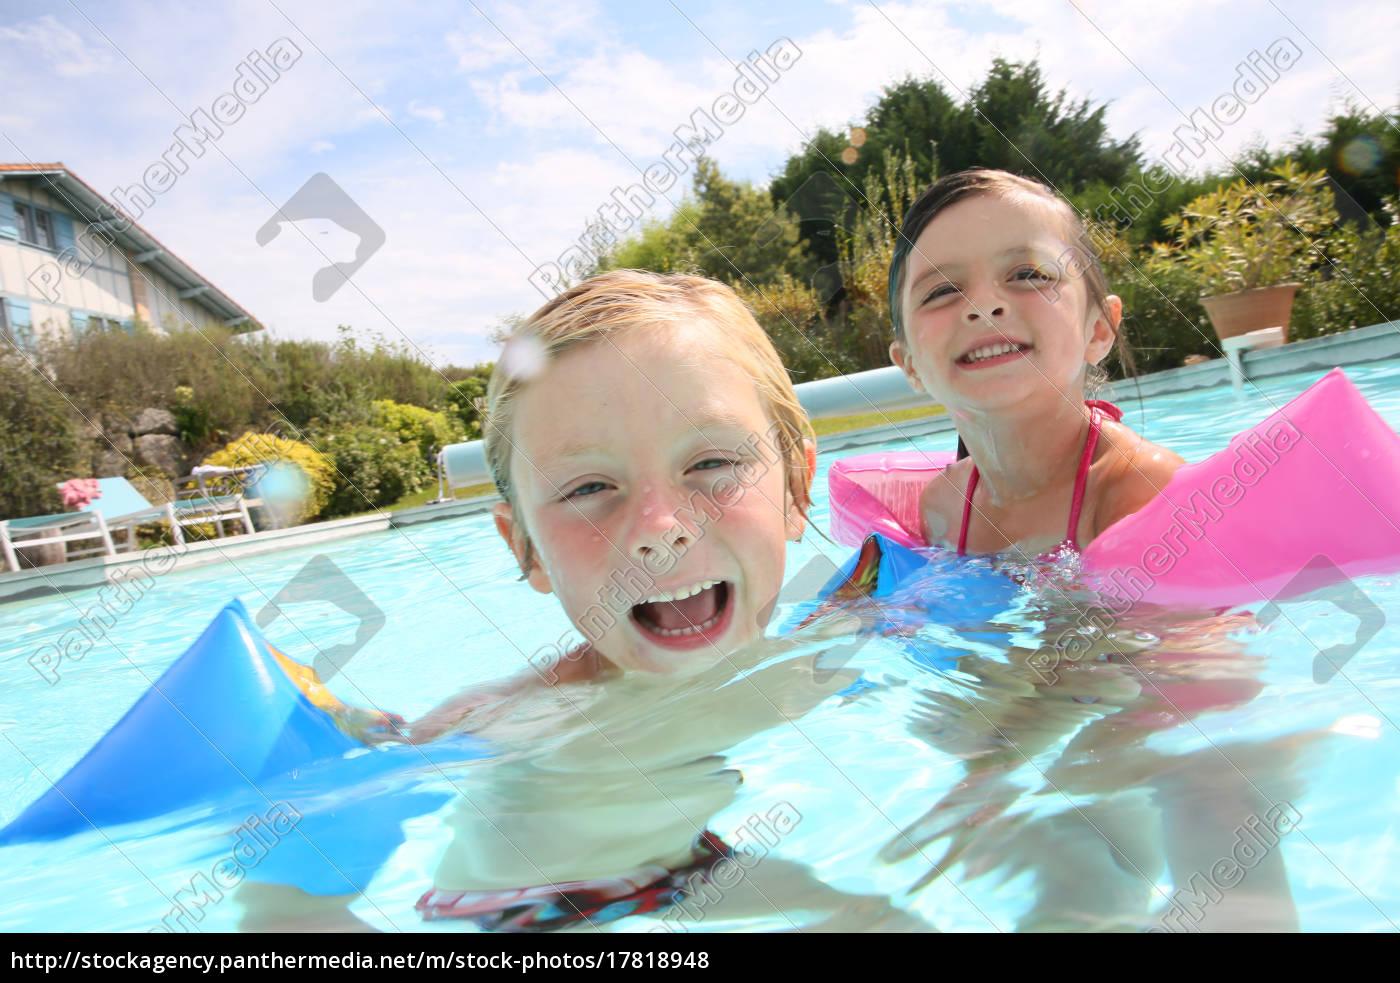 kinder im schwimmbad spielen - Lizenzfreies Foto